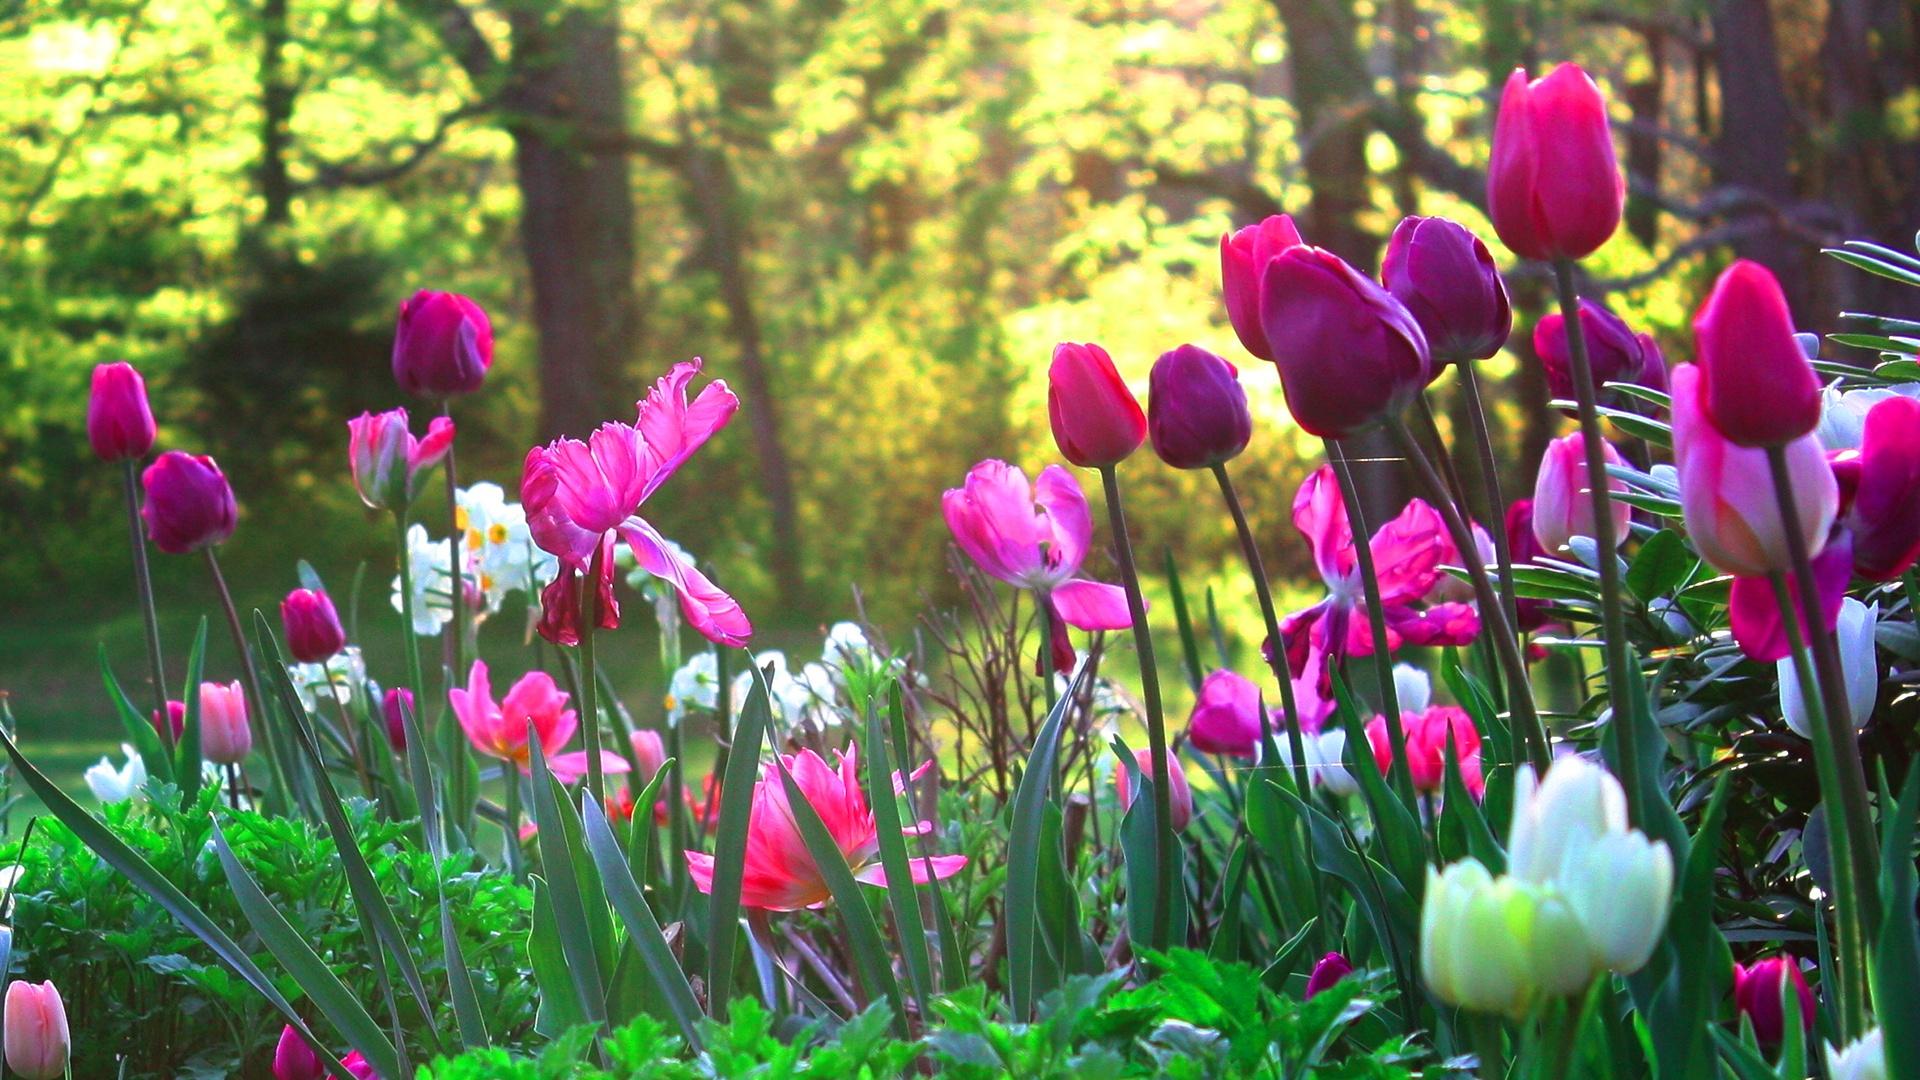 Flower Garden Wallpaper High Resolution images 1920x1080